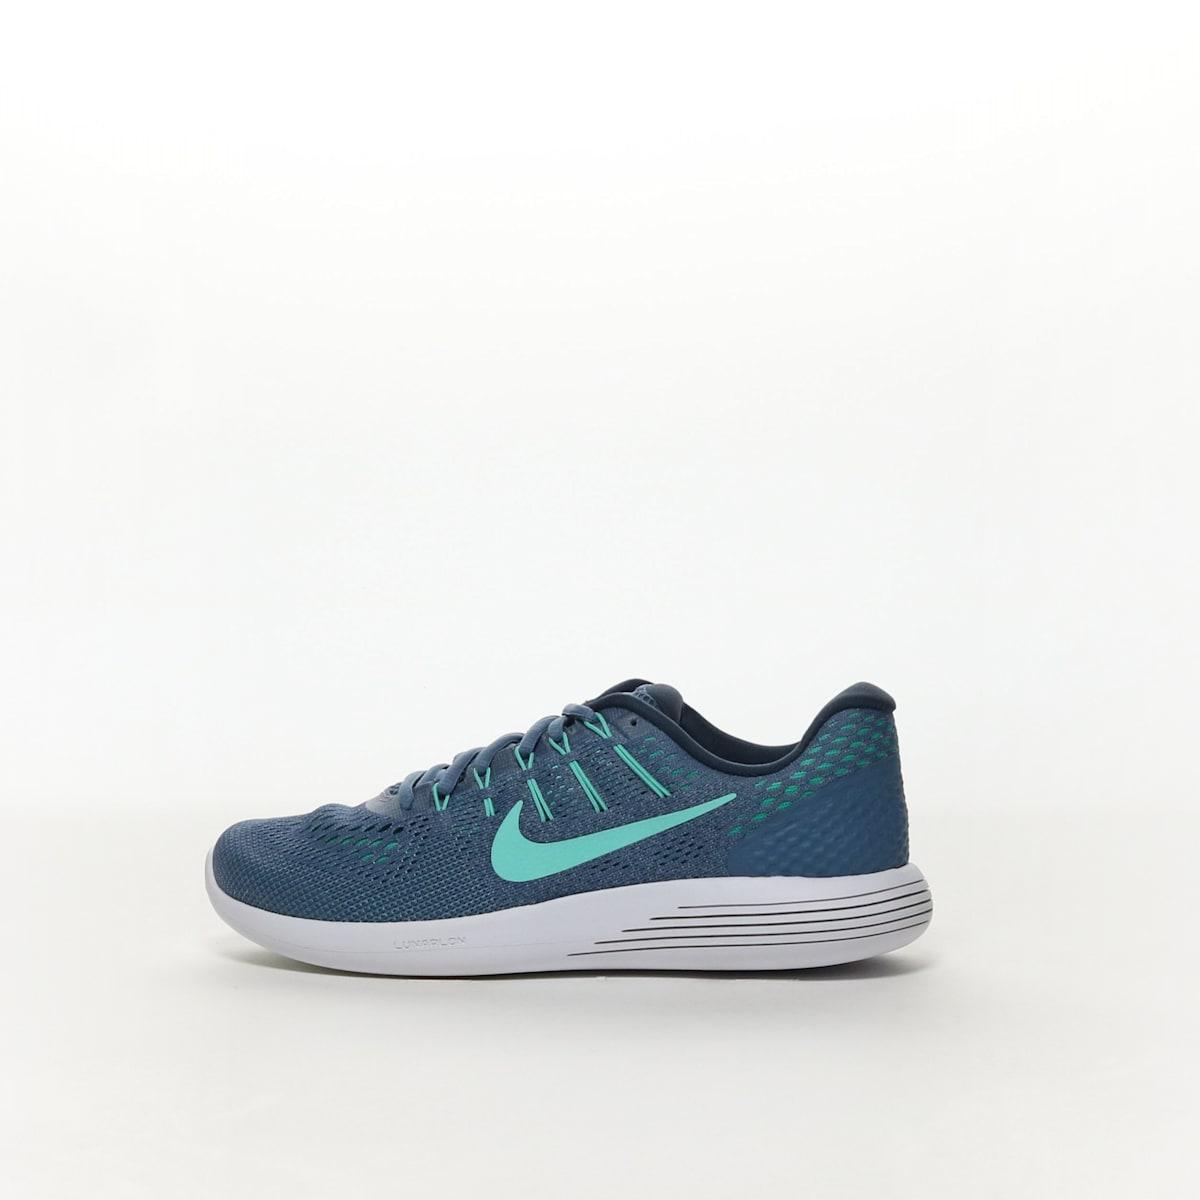 0d2ccf28a1316 Women s Nike LunarGlide 8 Running Shoe - OCEAN FOG HYPER TURQ-BLUE ...